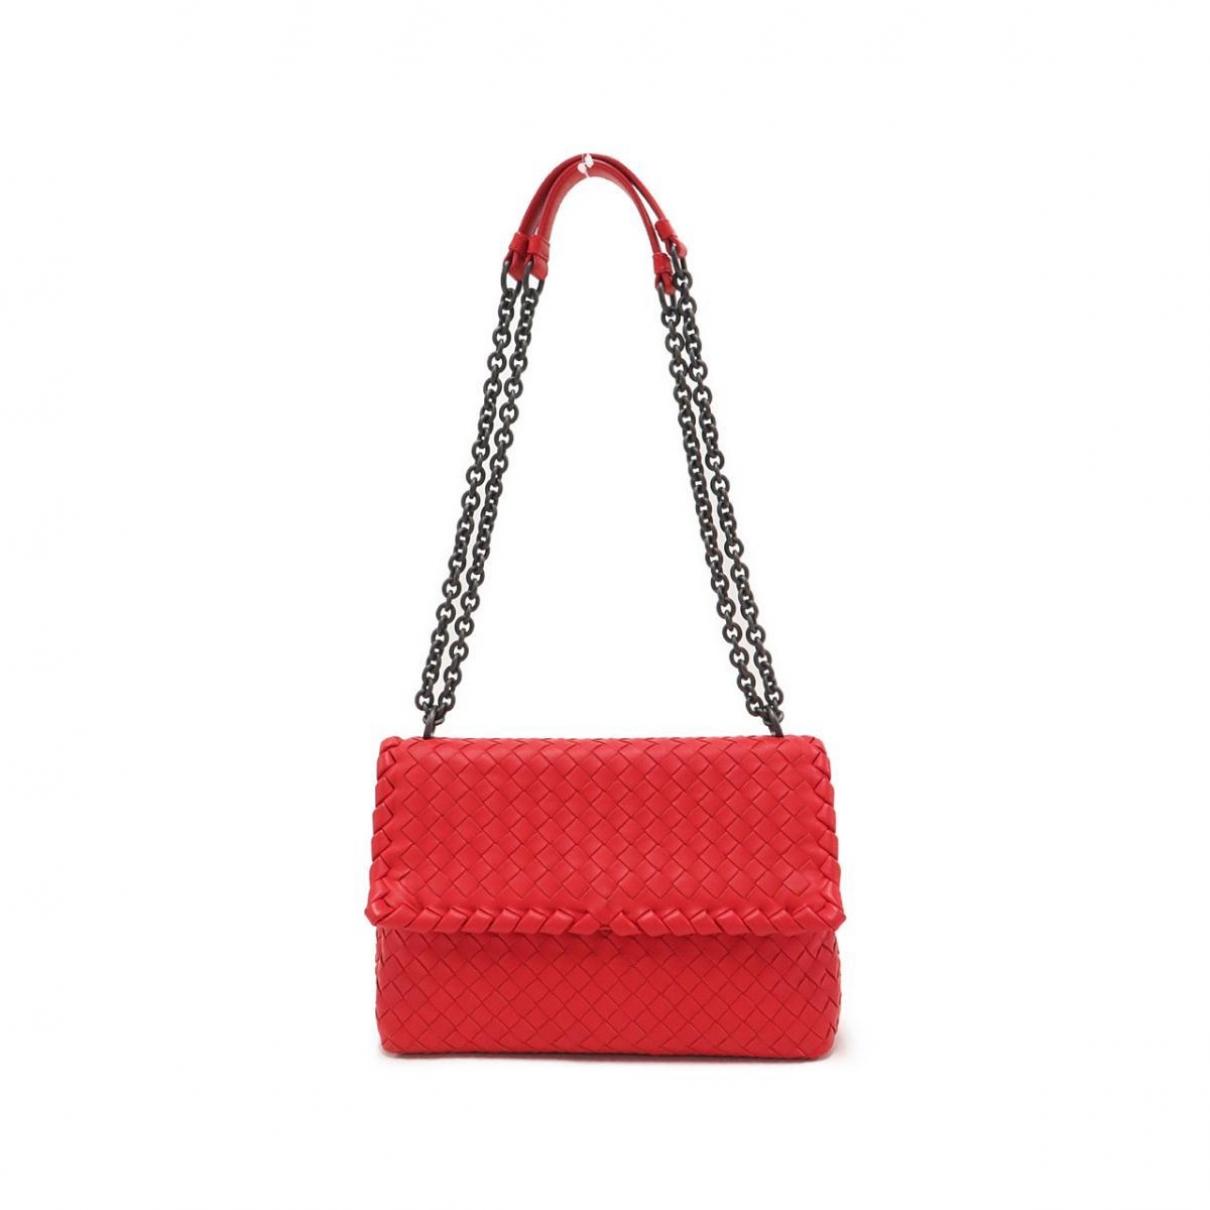 Bottega Veneta Olimpia Red Leather handbag for Women \N